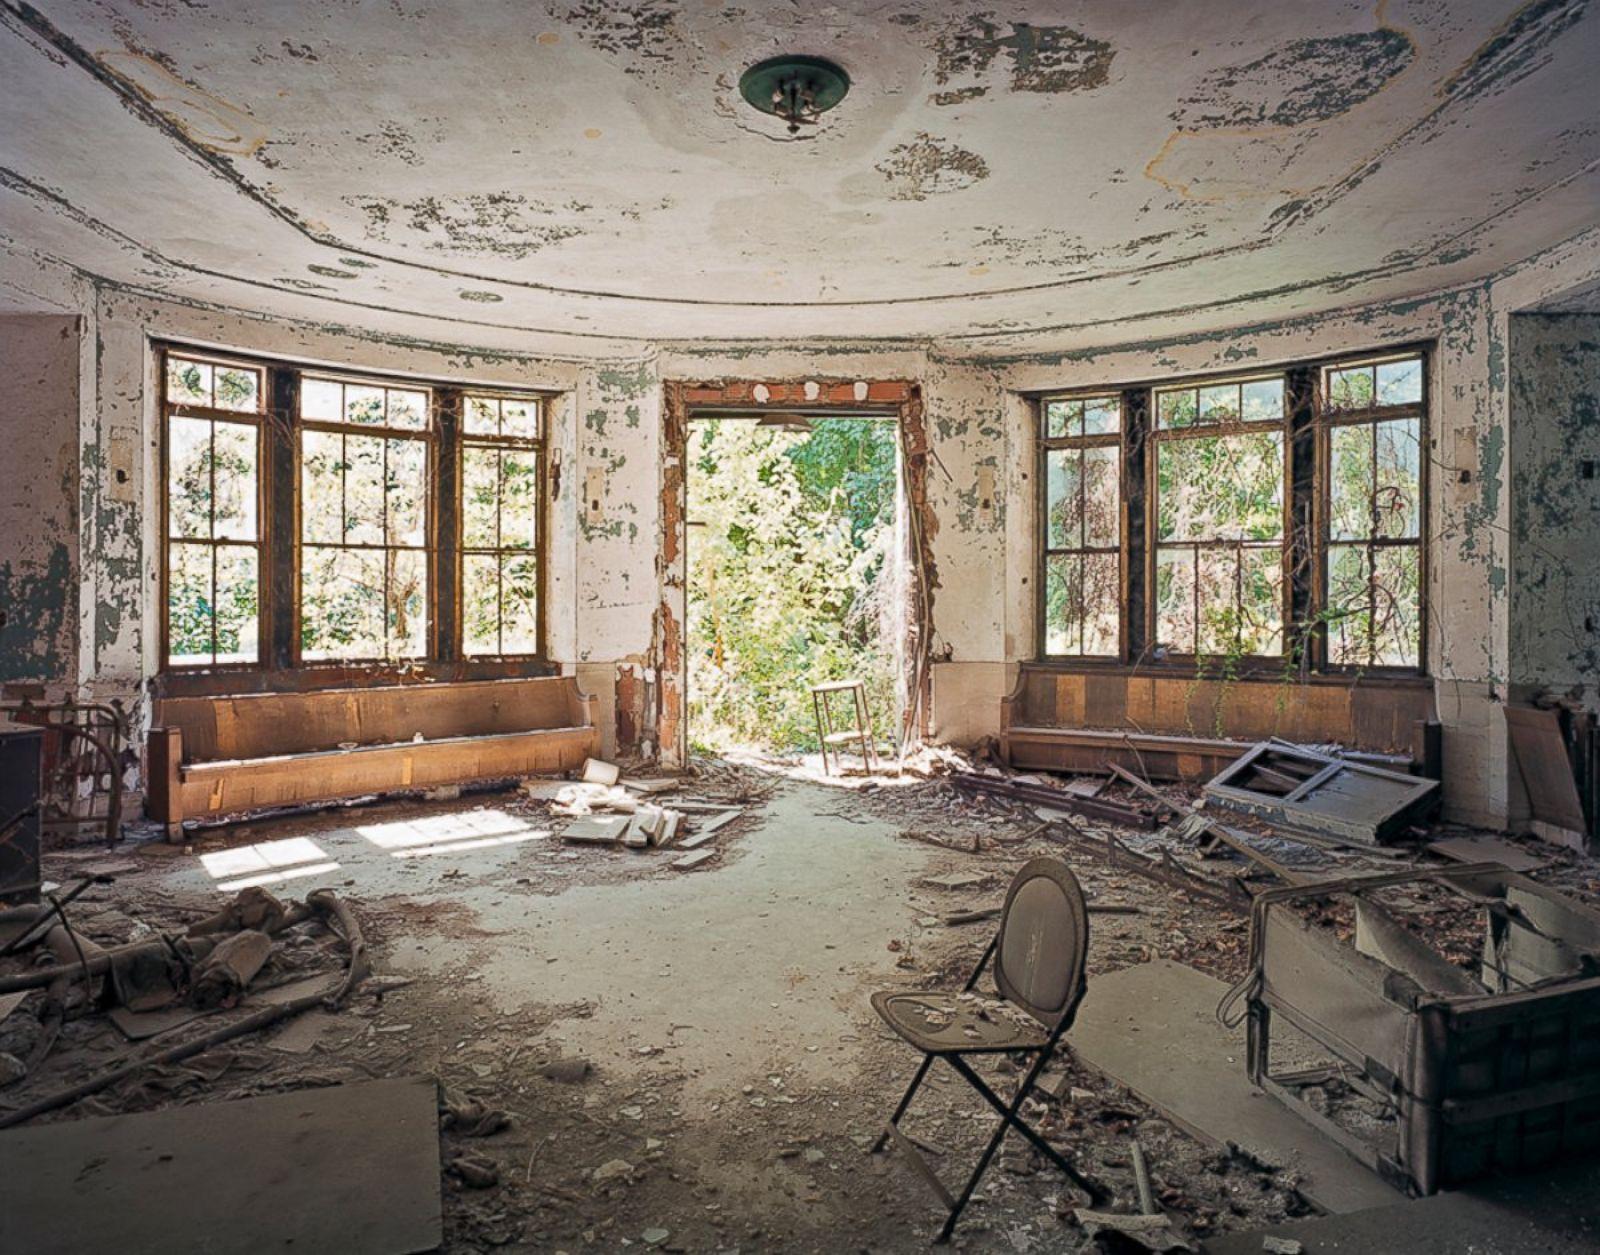 hidden cam inside bronx home